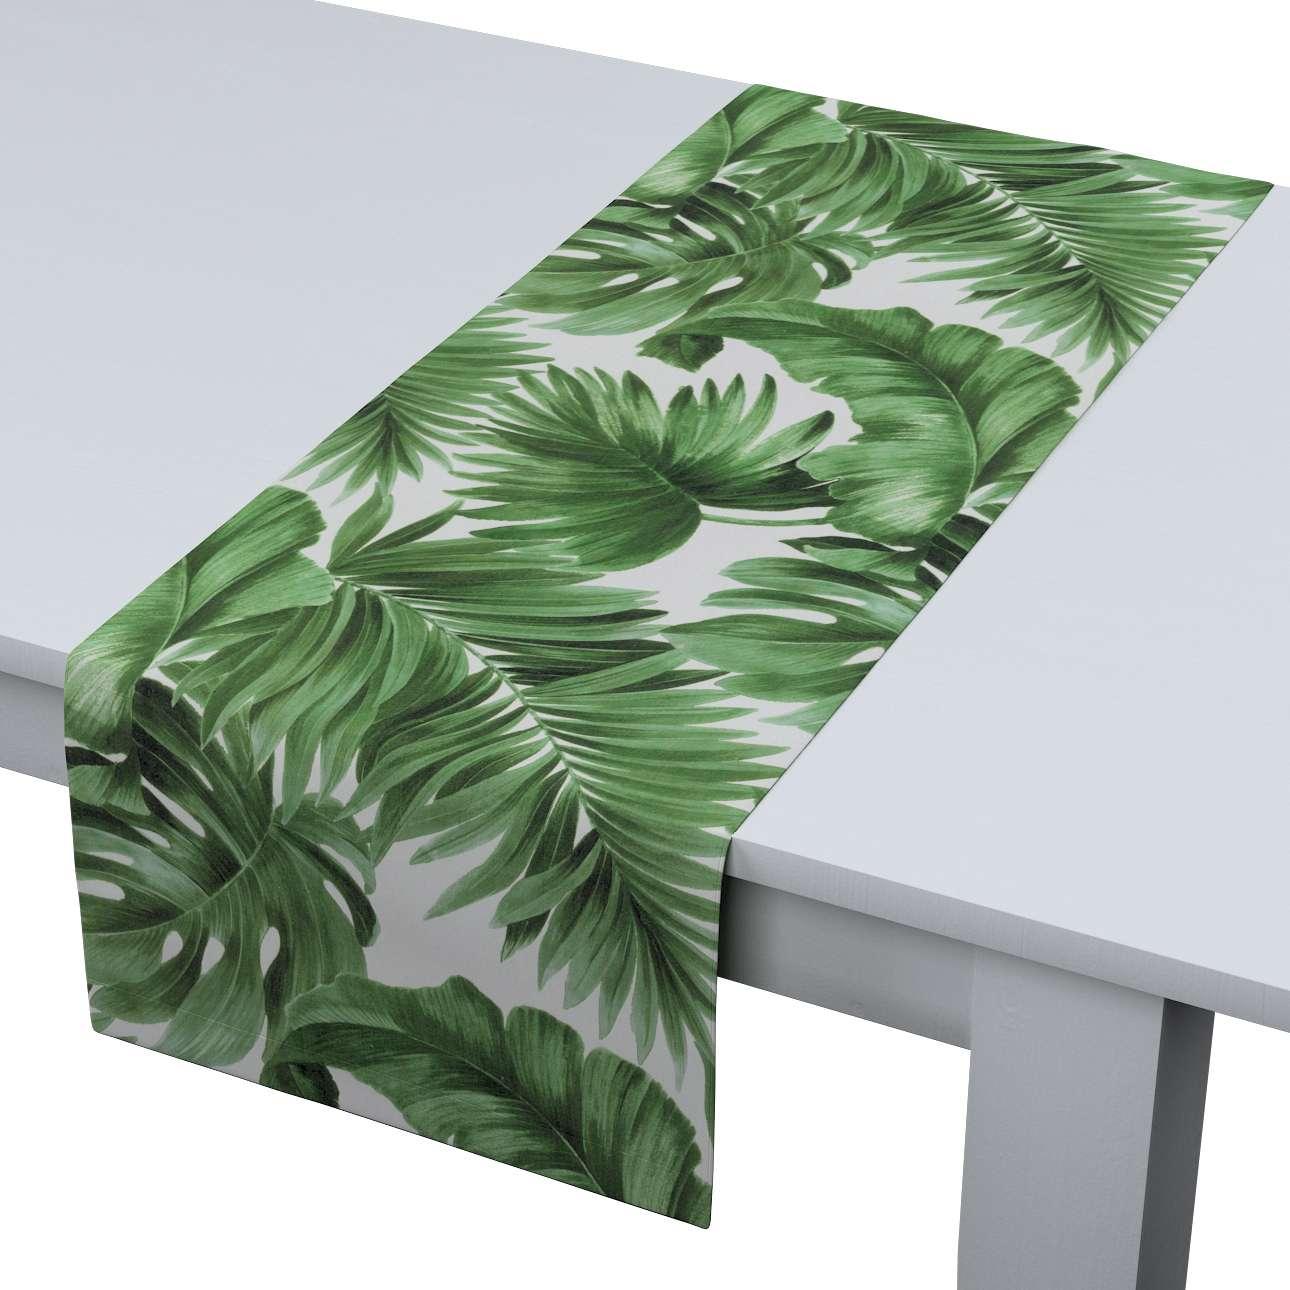 Rechteckiger Tischläufer von der Kollektion Urban Jungle, Stoff: 141-71